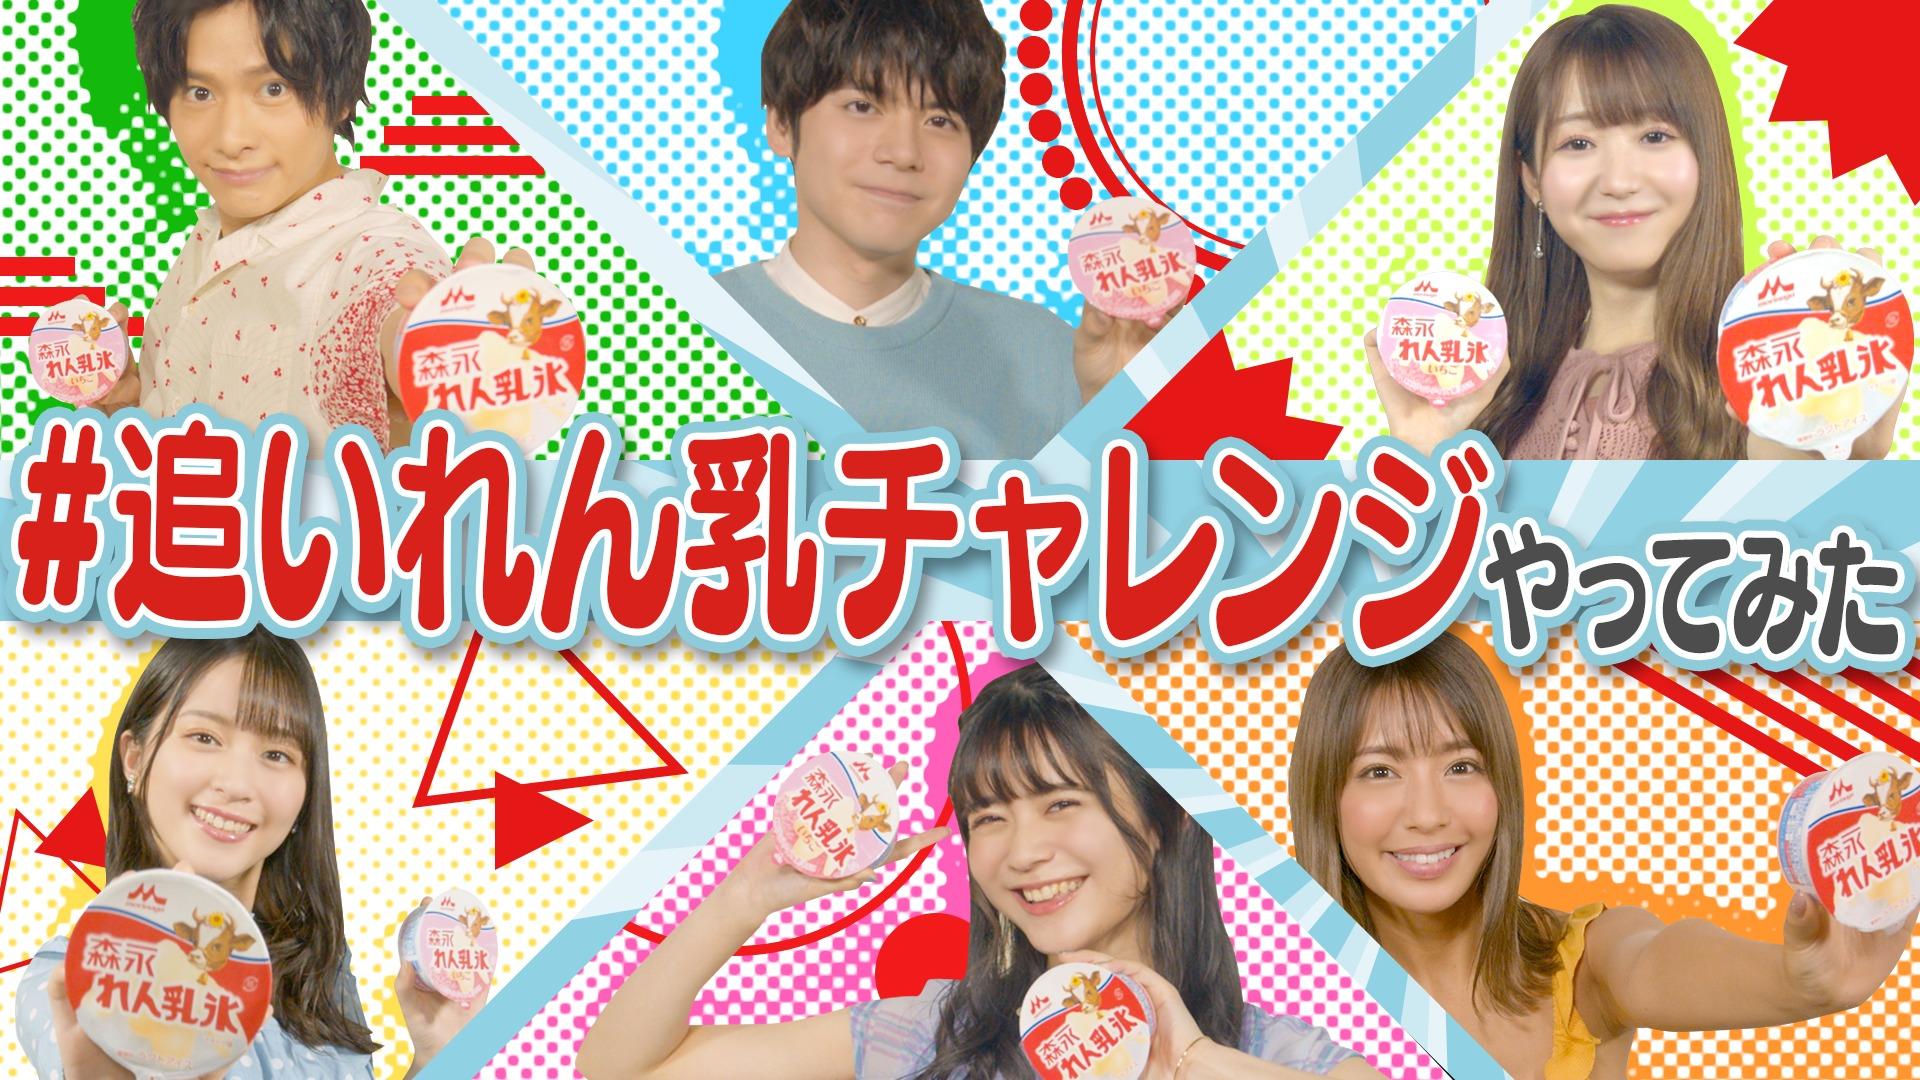 #追いれん乳チャレンジ